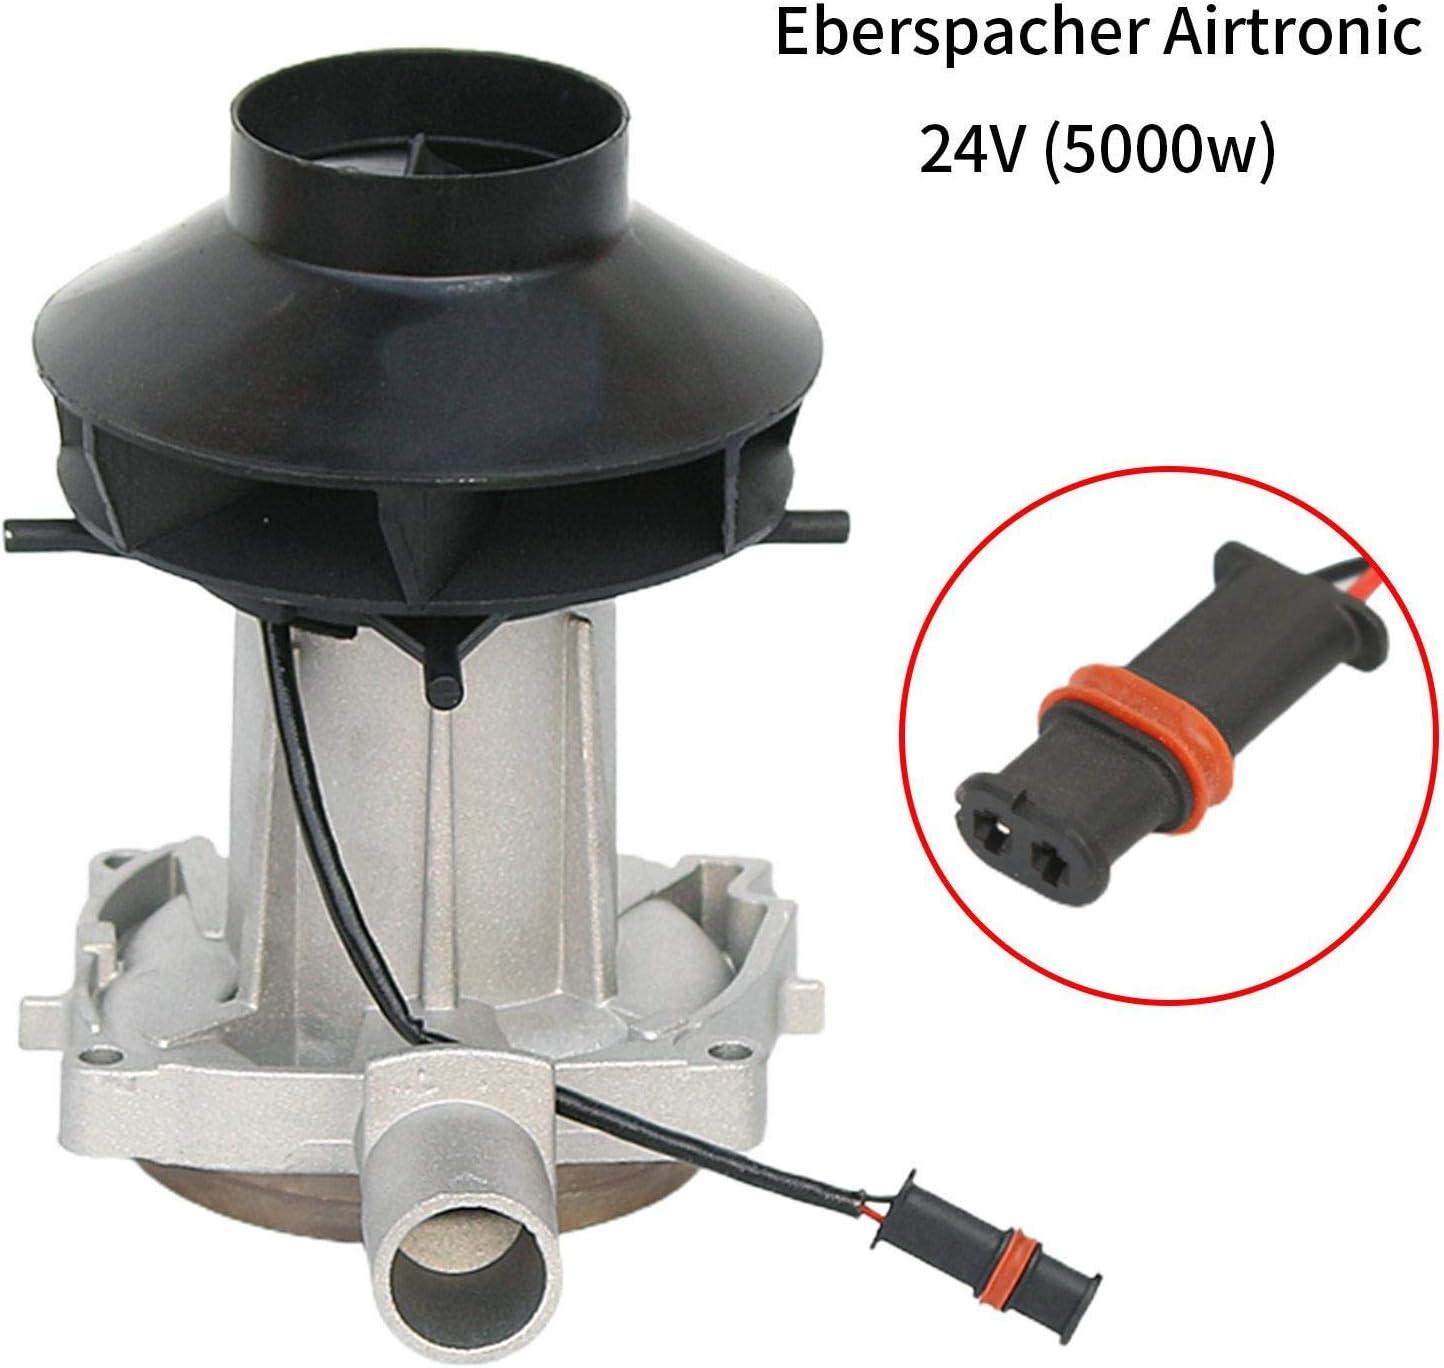 Ksruee Motor de soplador de Aire de combusti/ón de 12 V 5000 W Compatible con Calentador de estacionamiento de Repuesto Airtronic Eberspacher 24 V 2000 W